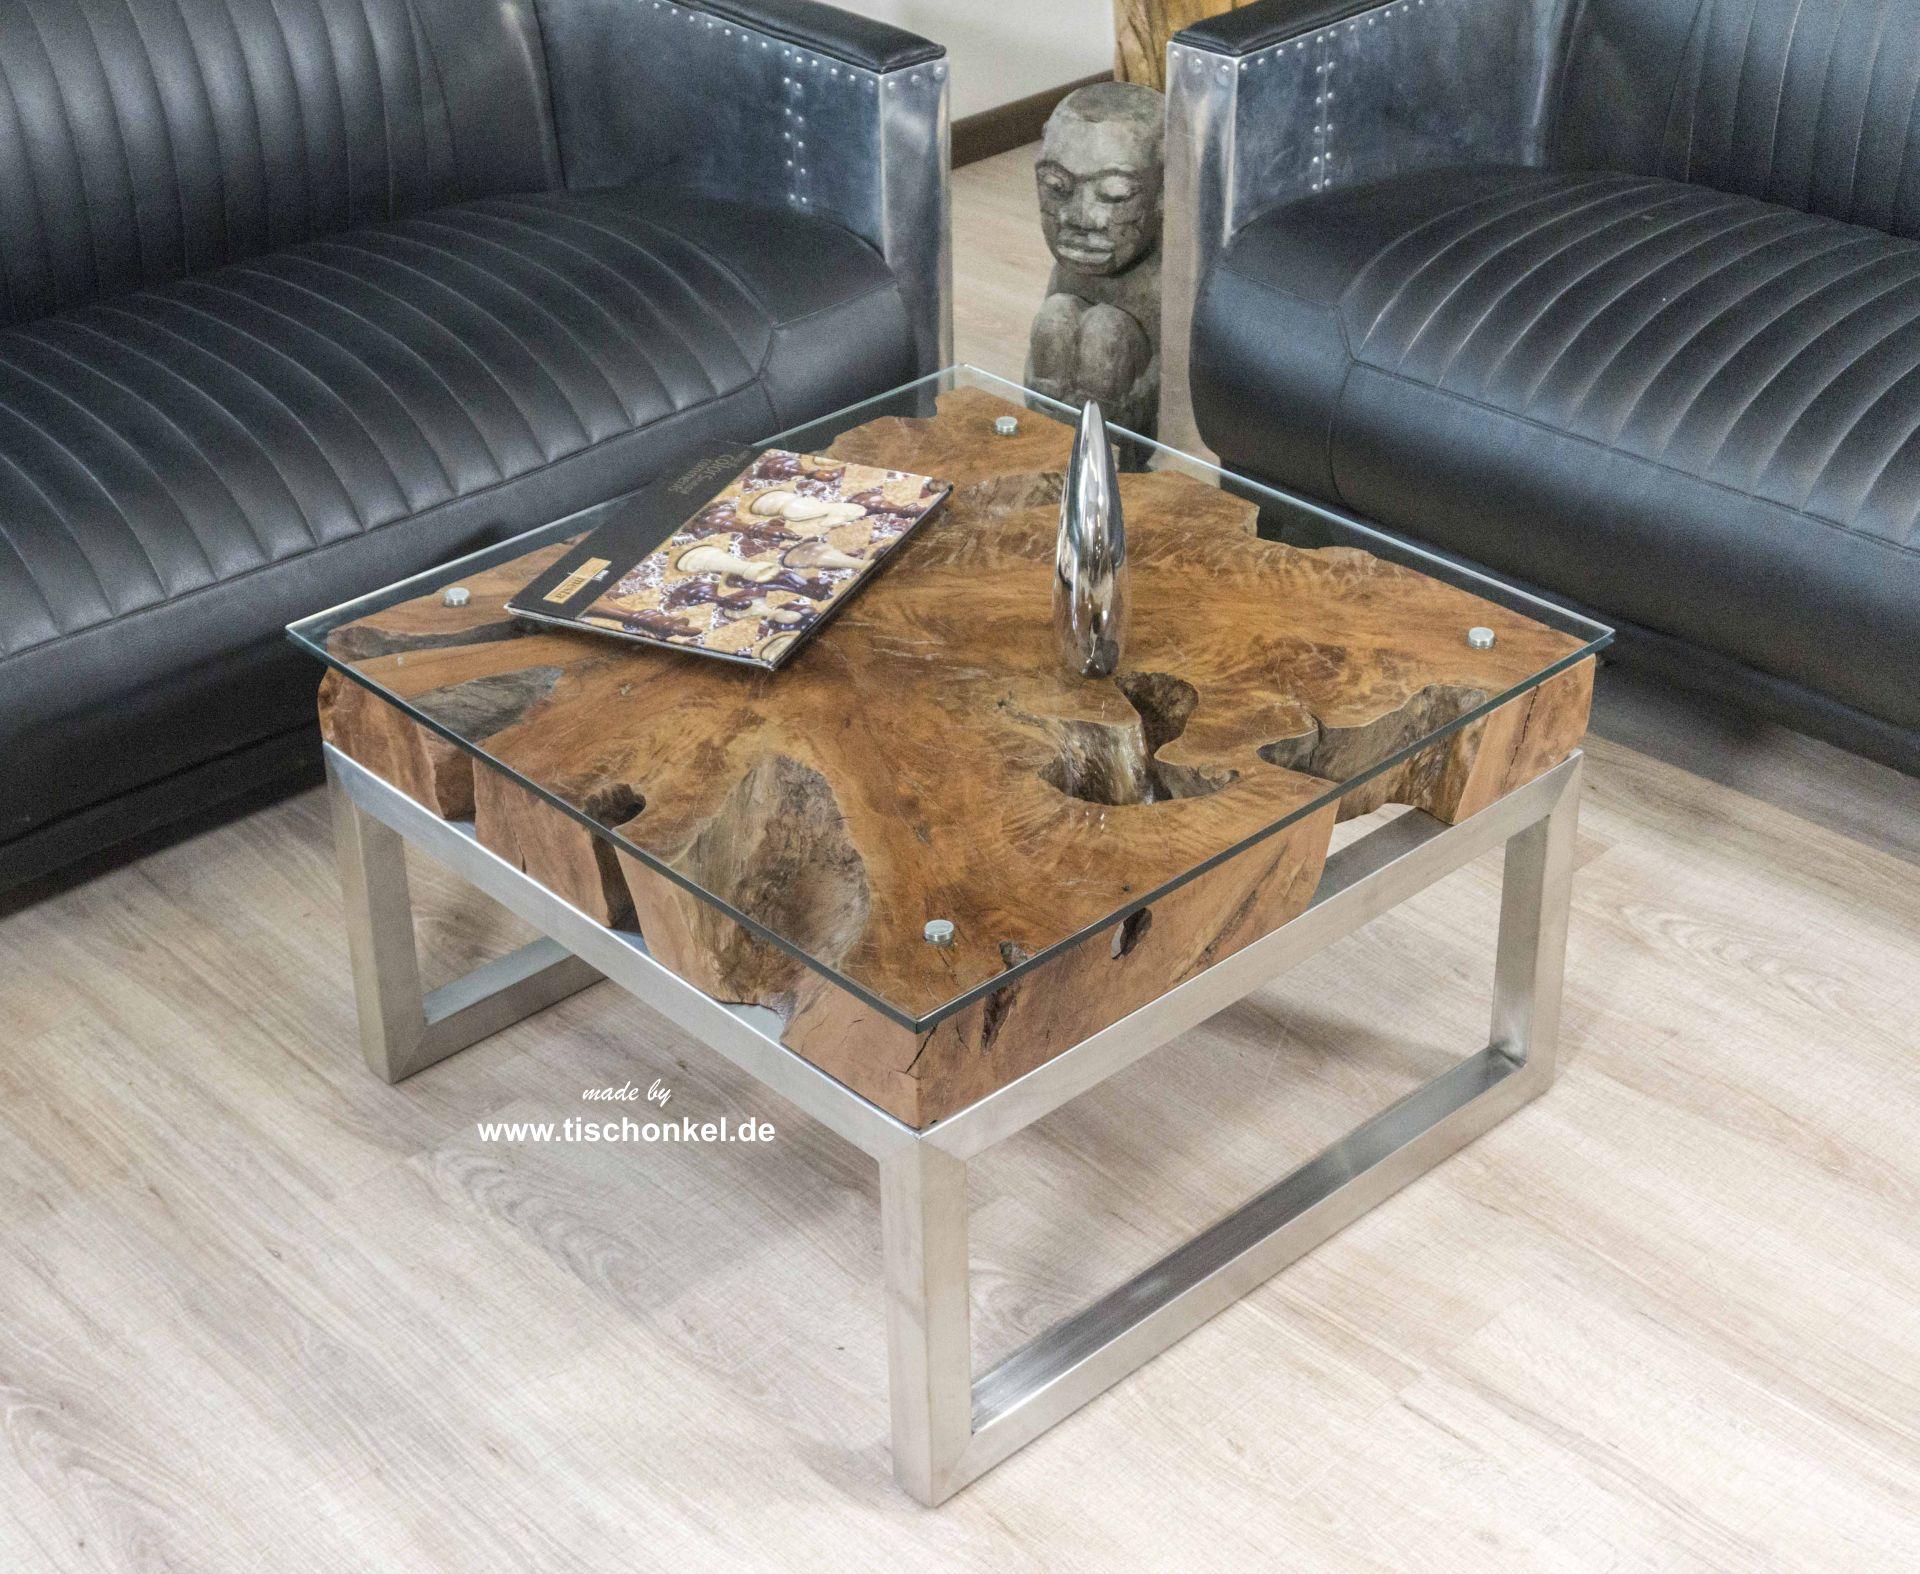 kleiner couchtisch couchtisch neu ebay glas messing europalette bauanleitung schwarzbraun. Black Bedroom Furniture Sets. Home Design Ideas